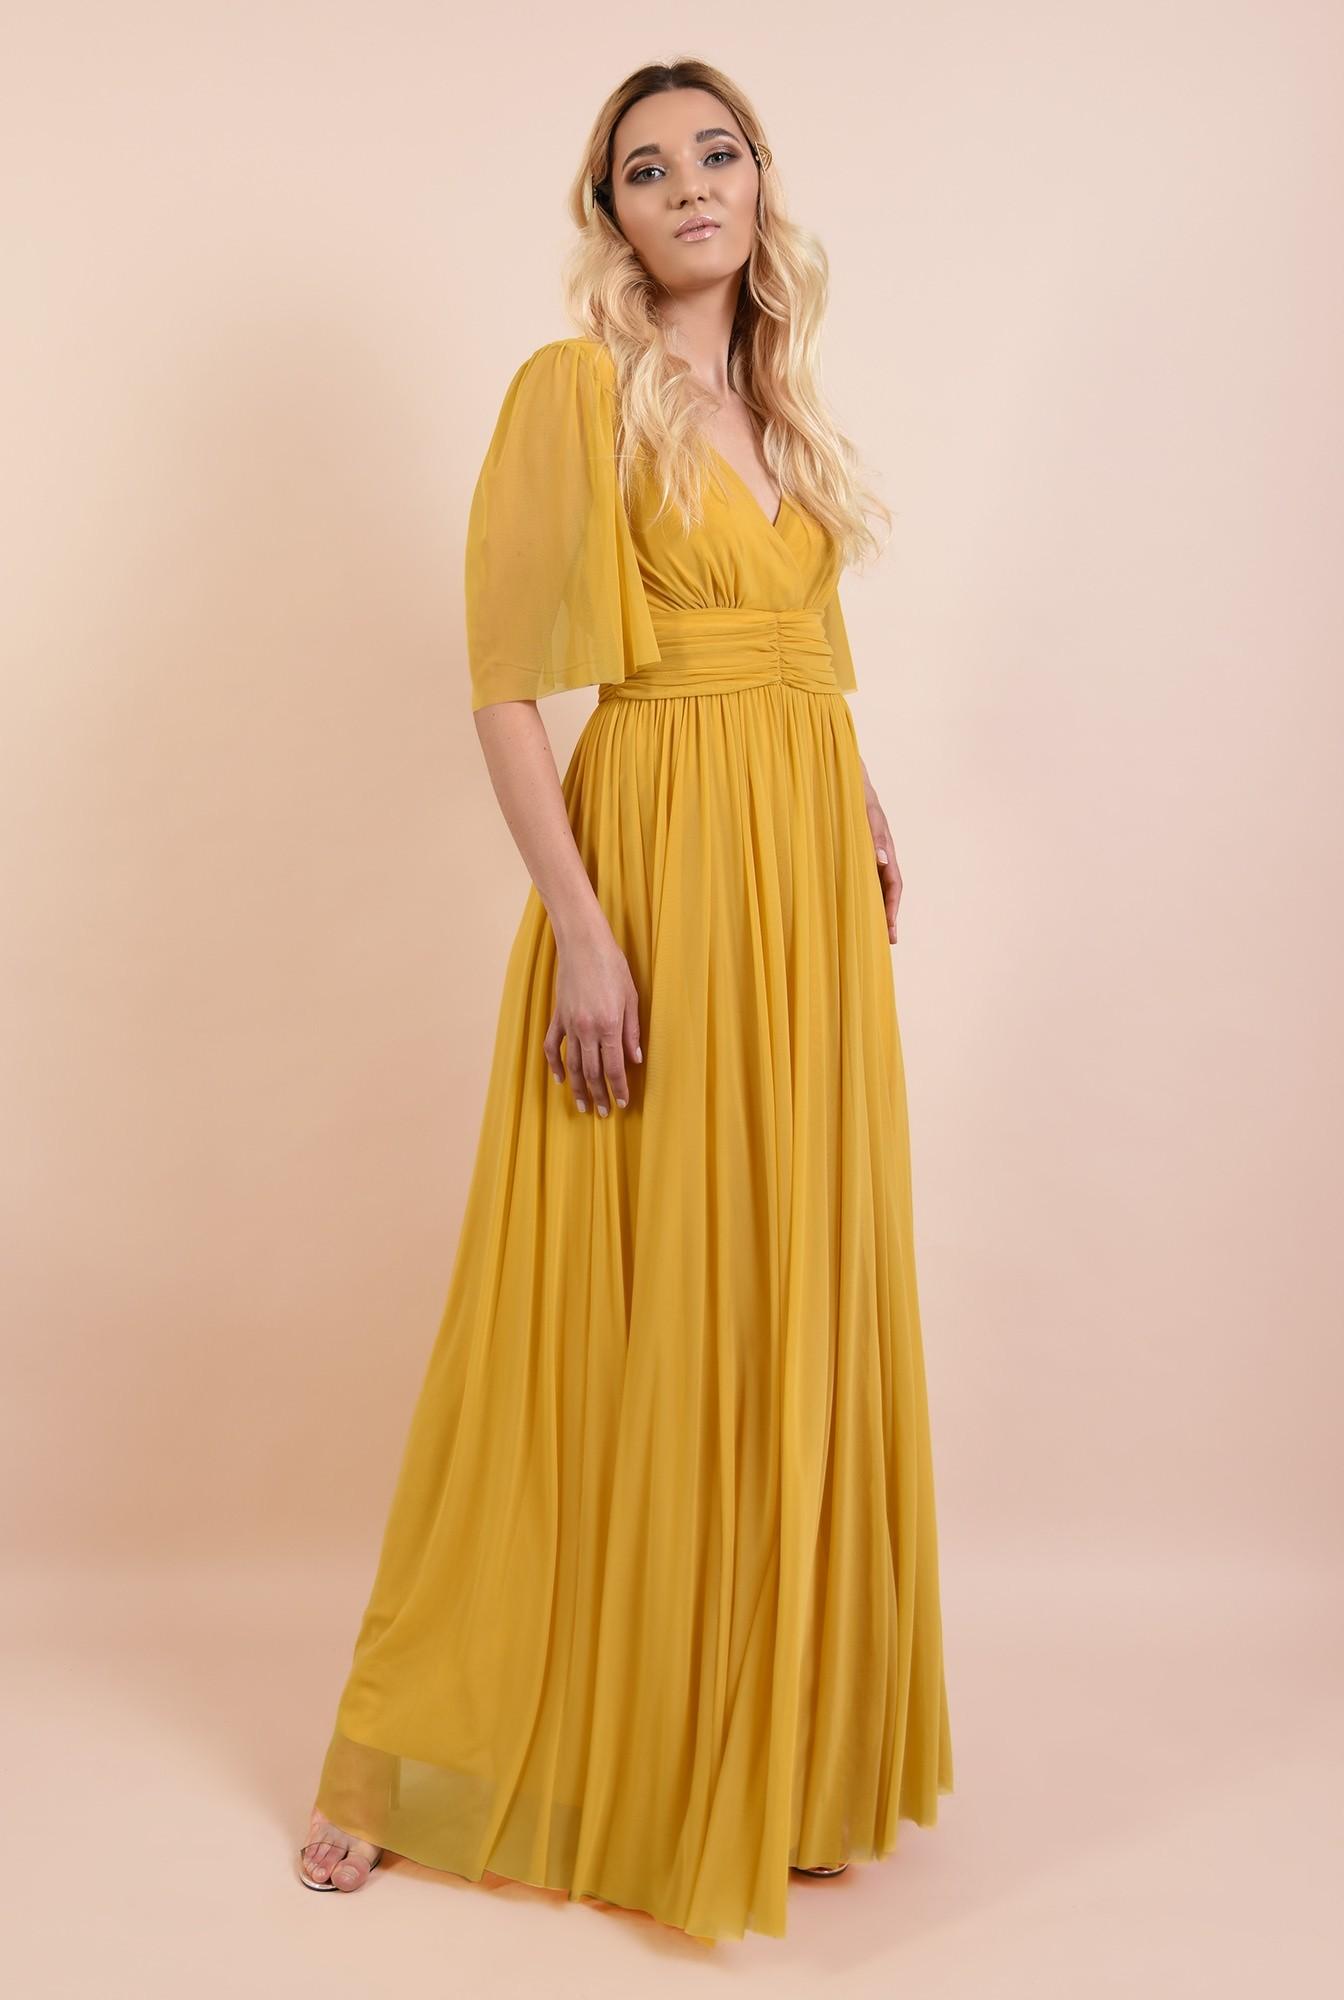 0 - 360 - rochie de seara, lunga, din tul, betelie cu pliuri, maneci 3/4 fluture